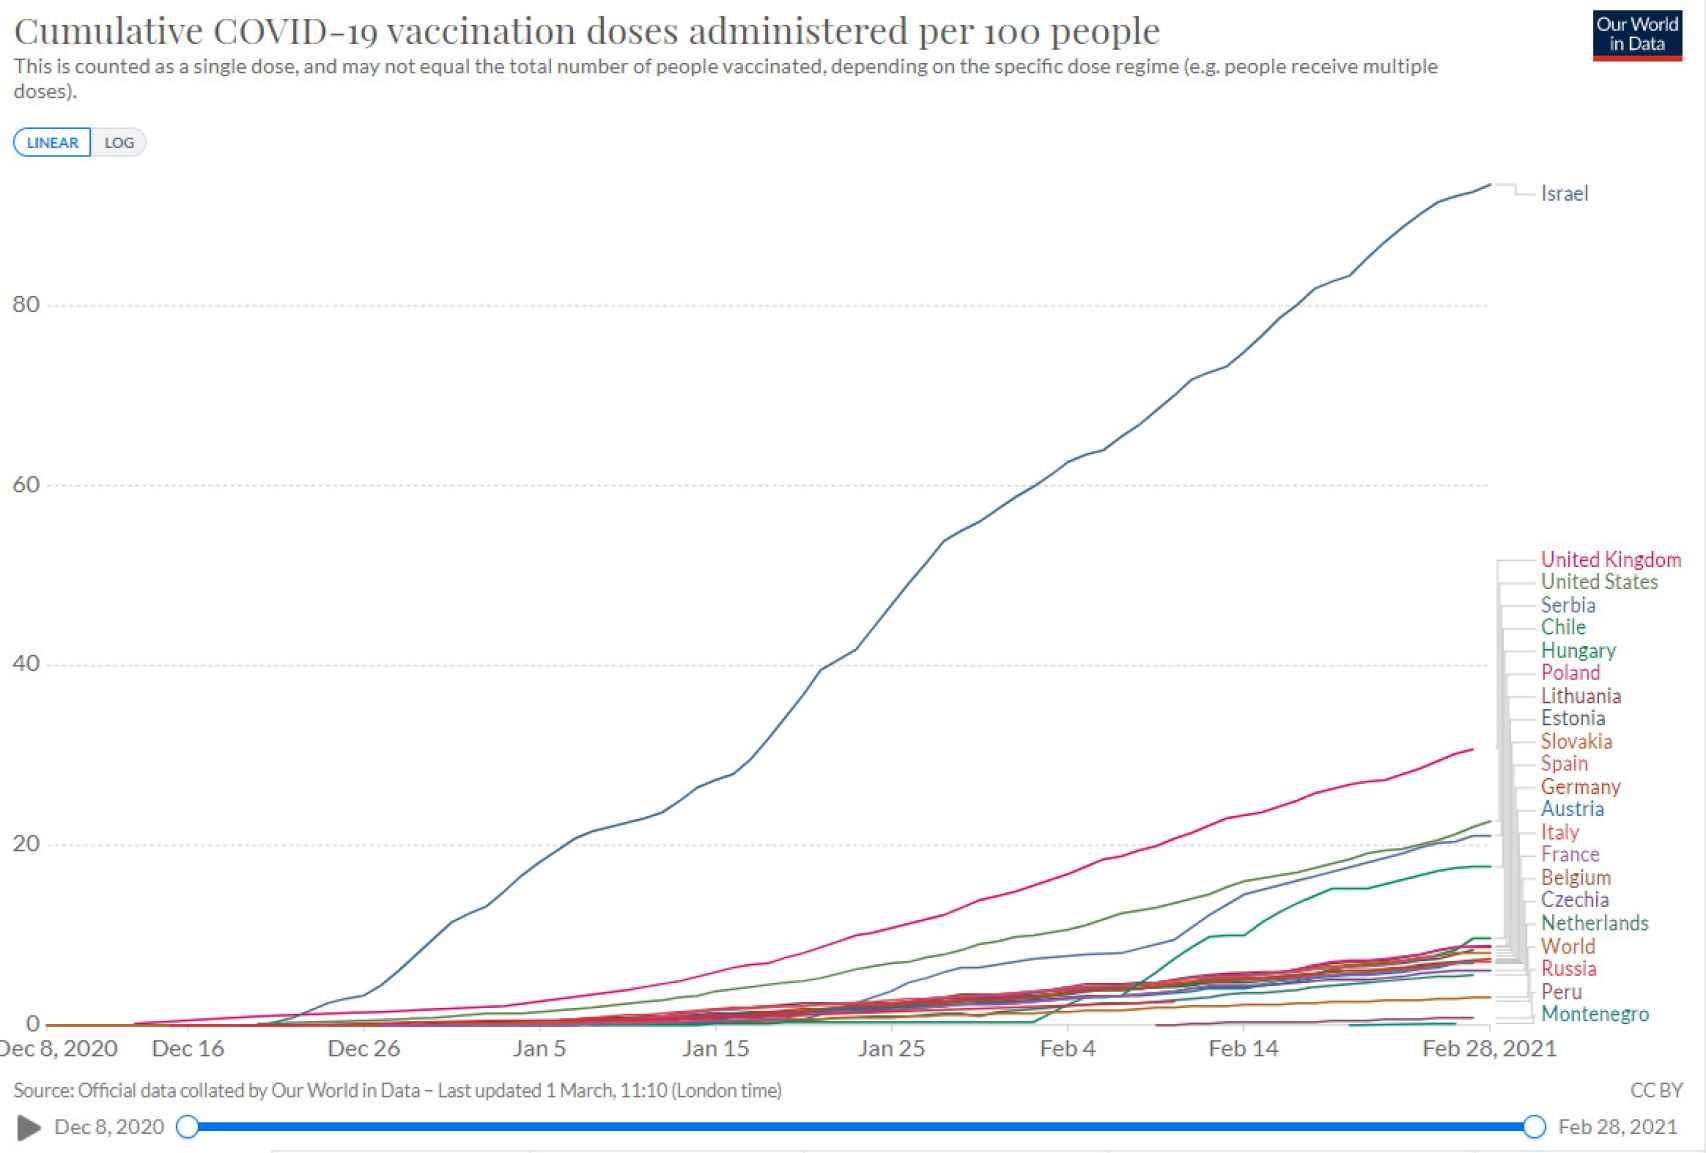 Dosis de vacunas inoculadas por 100 habitantes en cada país.